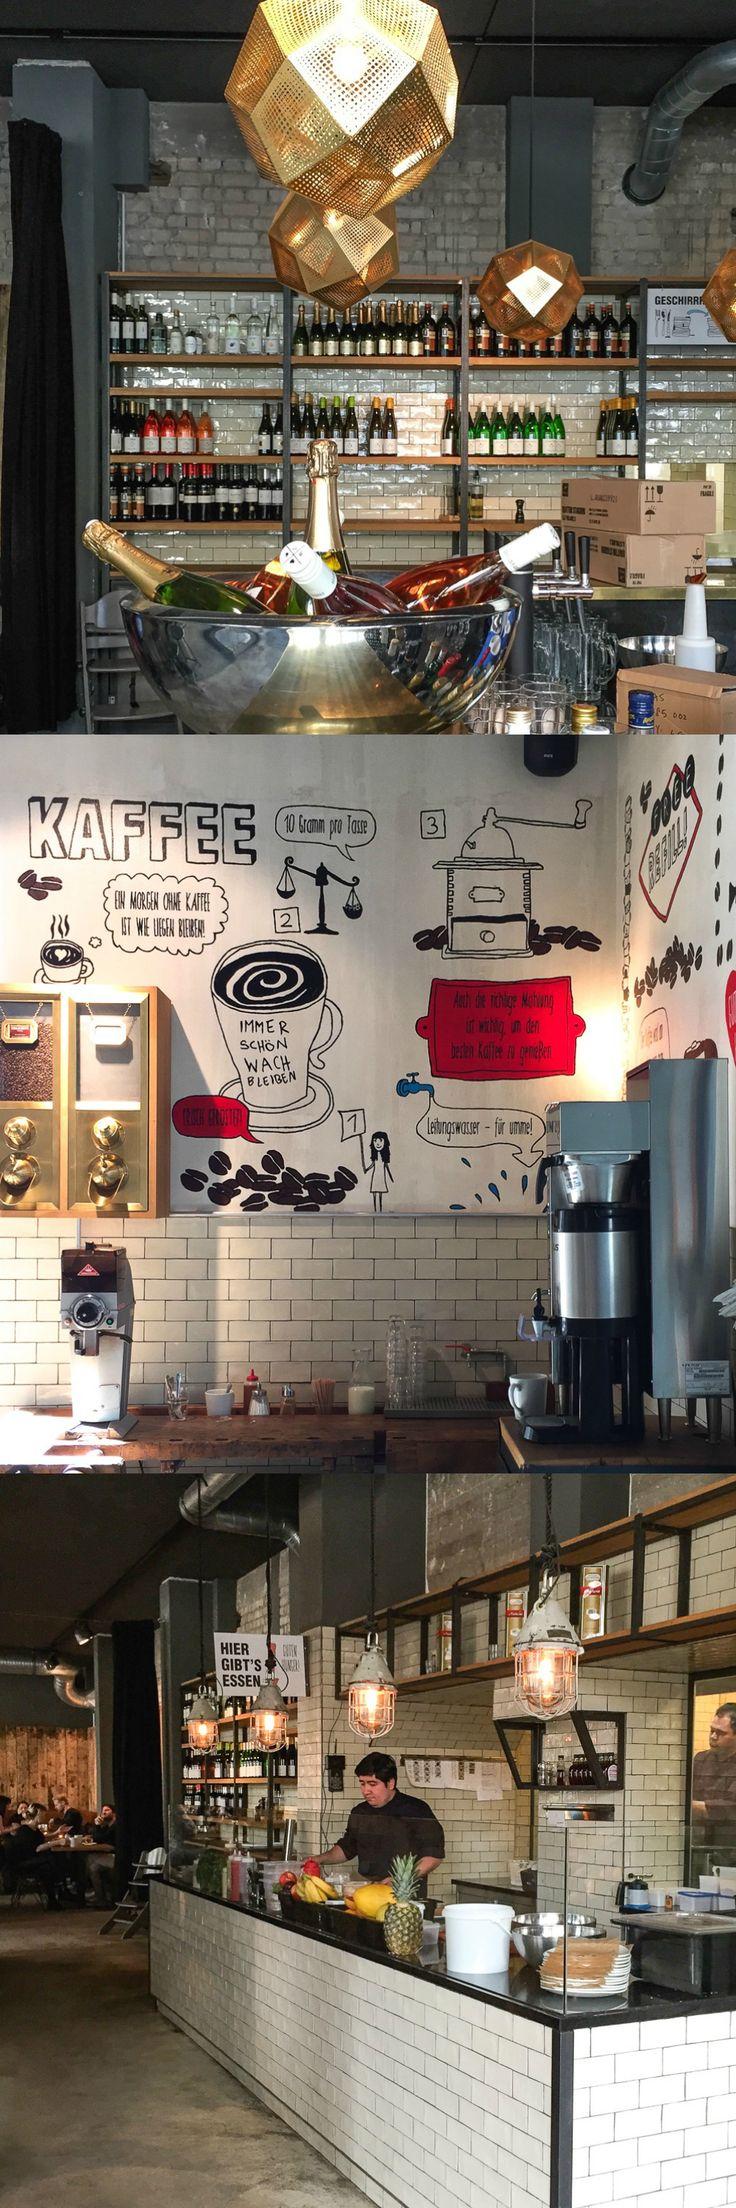 Spreegold – Frische Küche von früh bis spät | www.cremeguides.com #spreegold #berlin #frühstück #breakfast #drinks #coffee #cafe #kaffee #spree #brenzlauerberg #salat #salad #smoothies #shakes #cake #kuchen #gebäck #empfehlung #recommendation